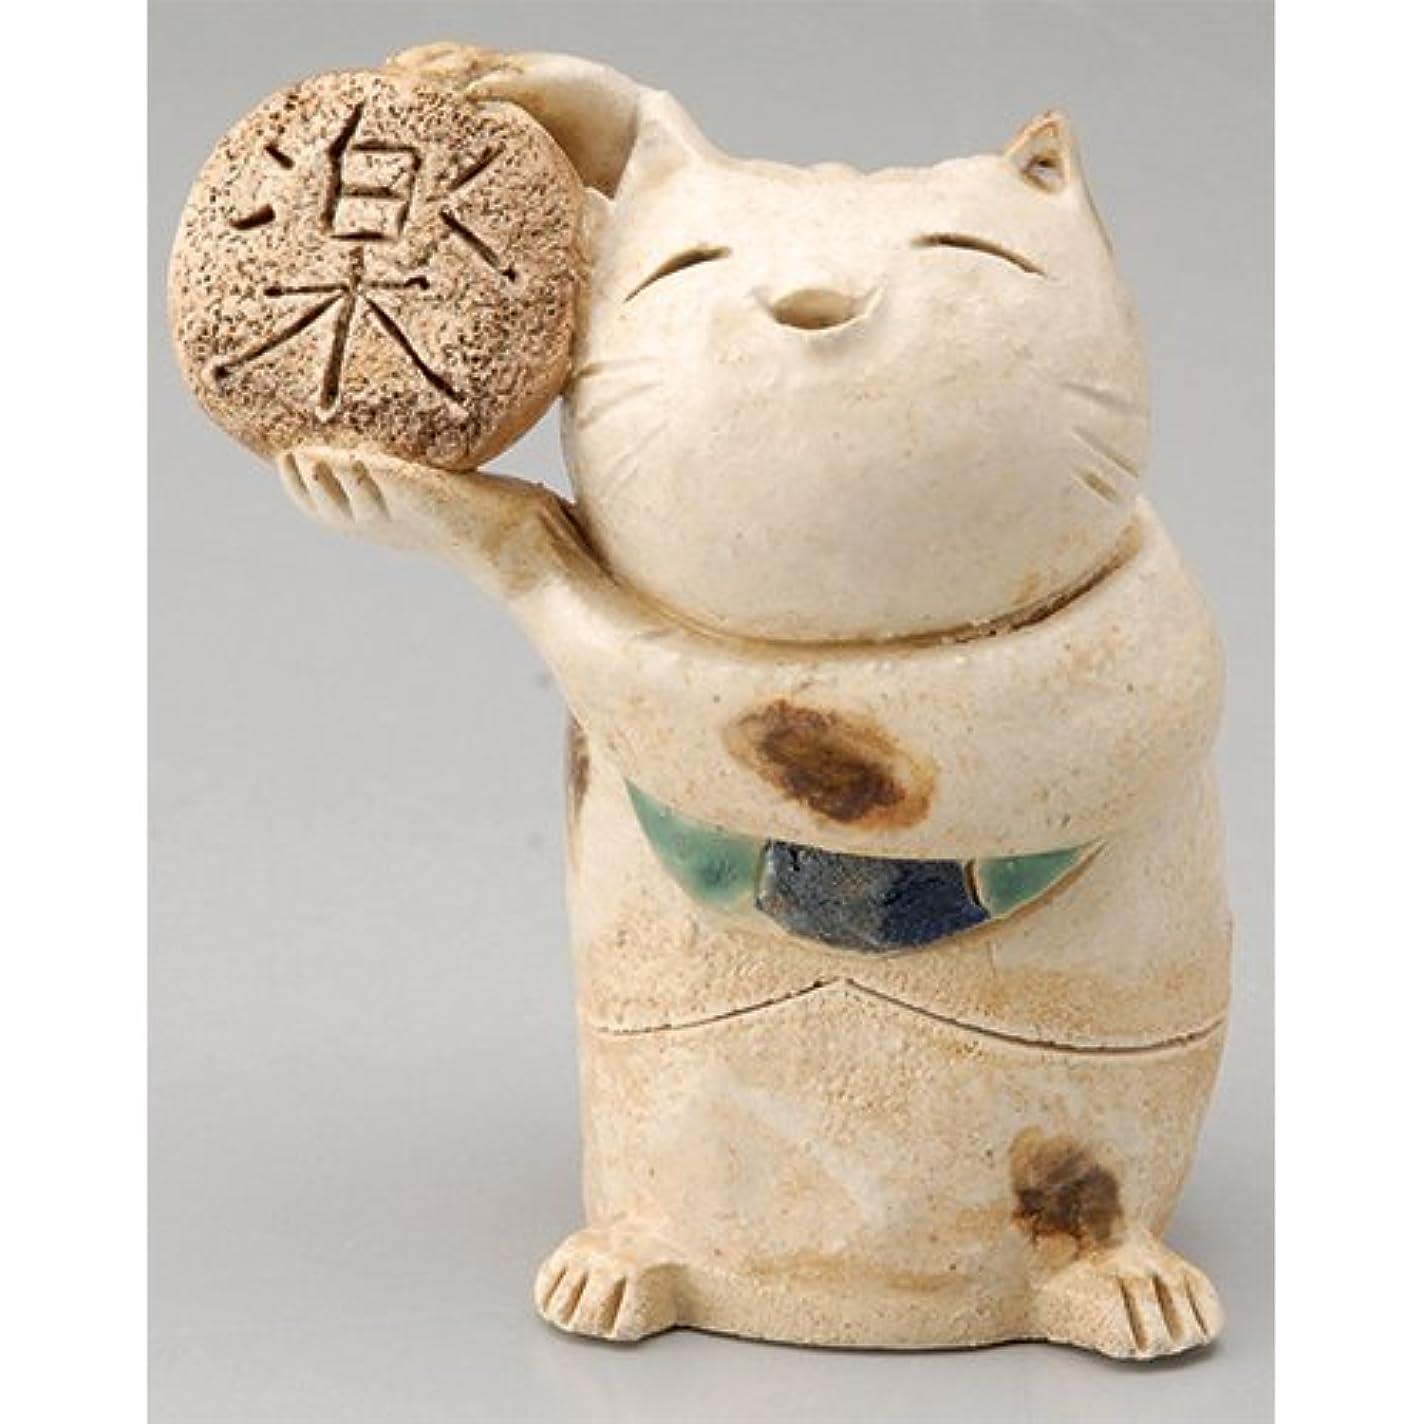 歯科医現実間接的香炉 ごえん猫 香炉(楽) [H8.1cm] HANDMADE プレゼント ギフト 和食器 かわいい インテリア